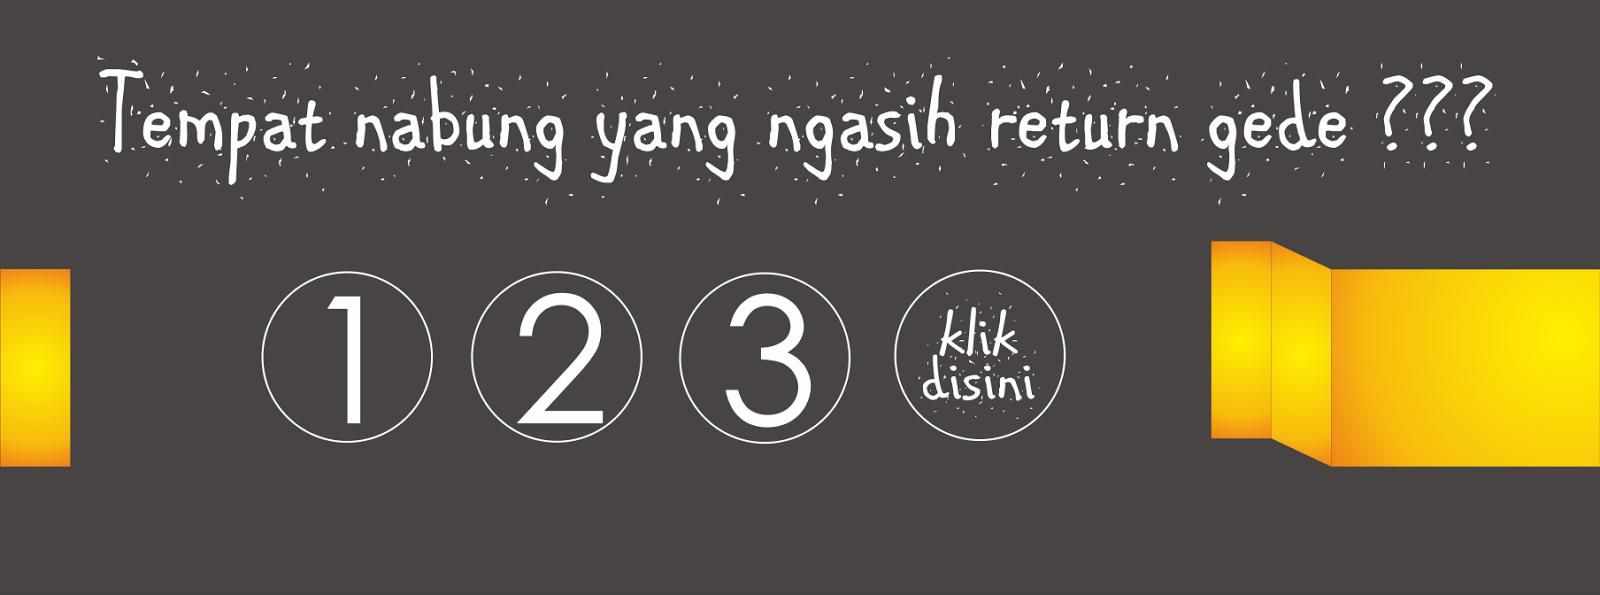 www.prioritaslandindonesia.com